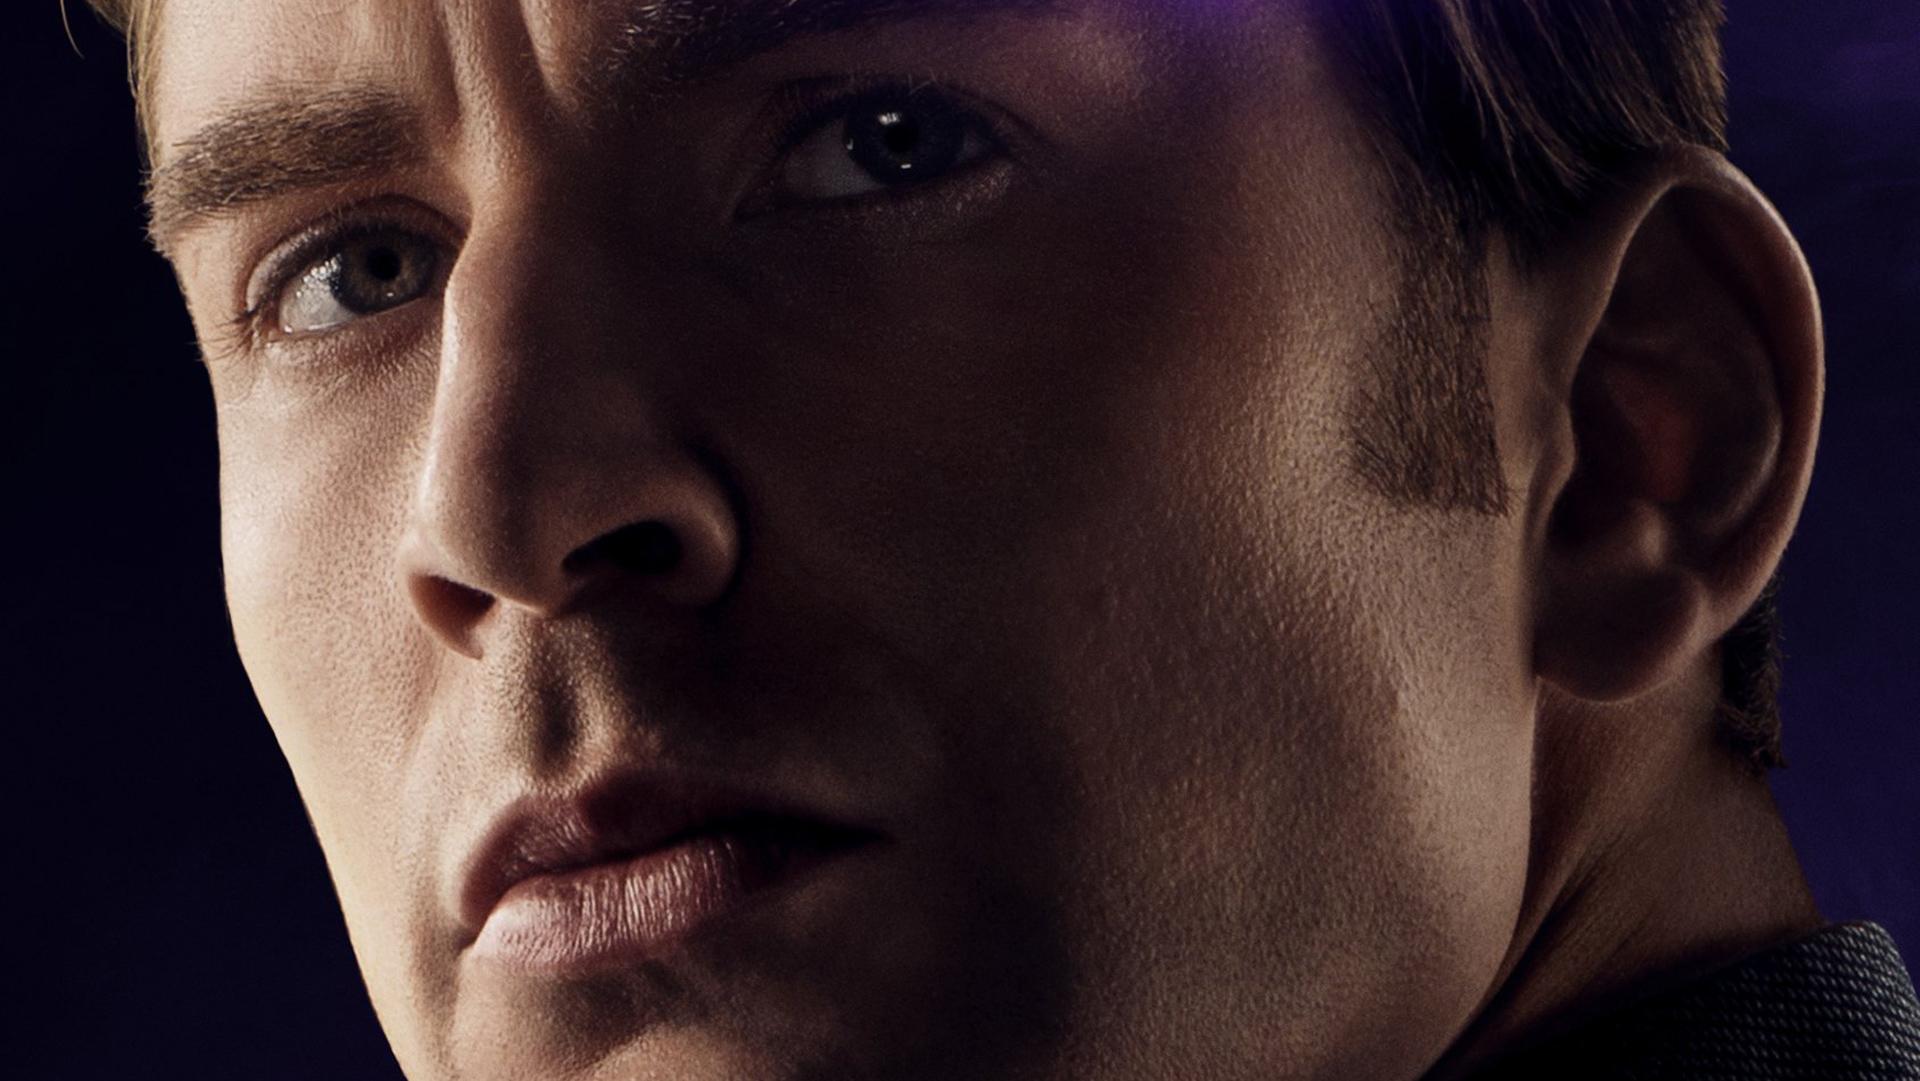 Movie Poster 2019: 1280x800 Captain America Avengers Endgame 2019 Poster 720P